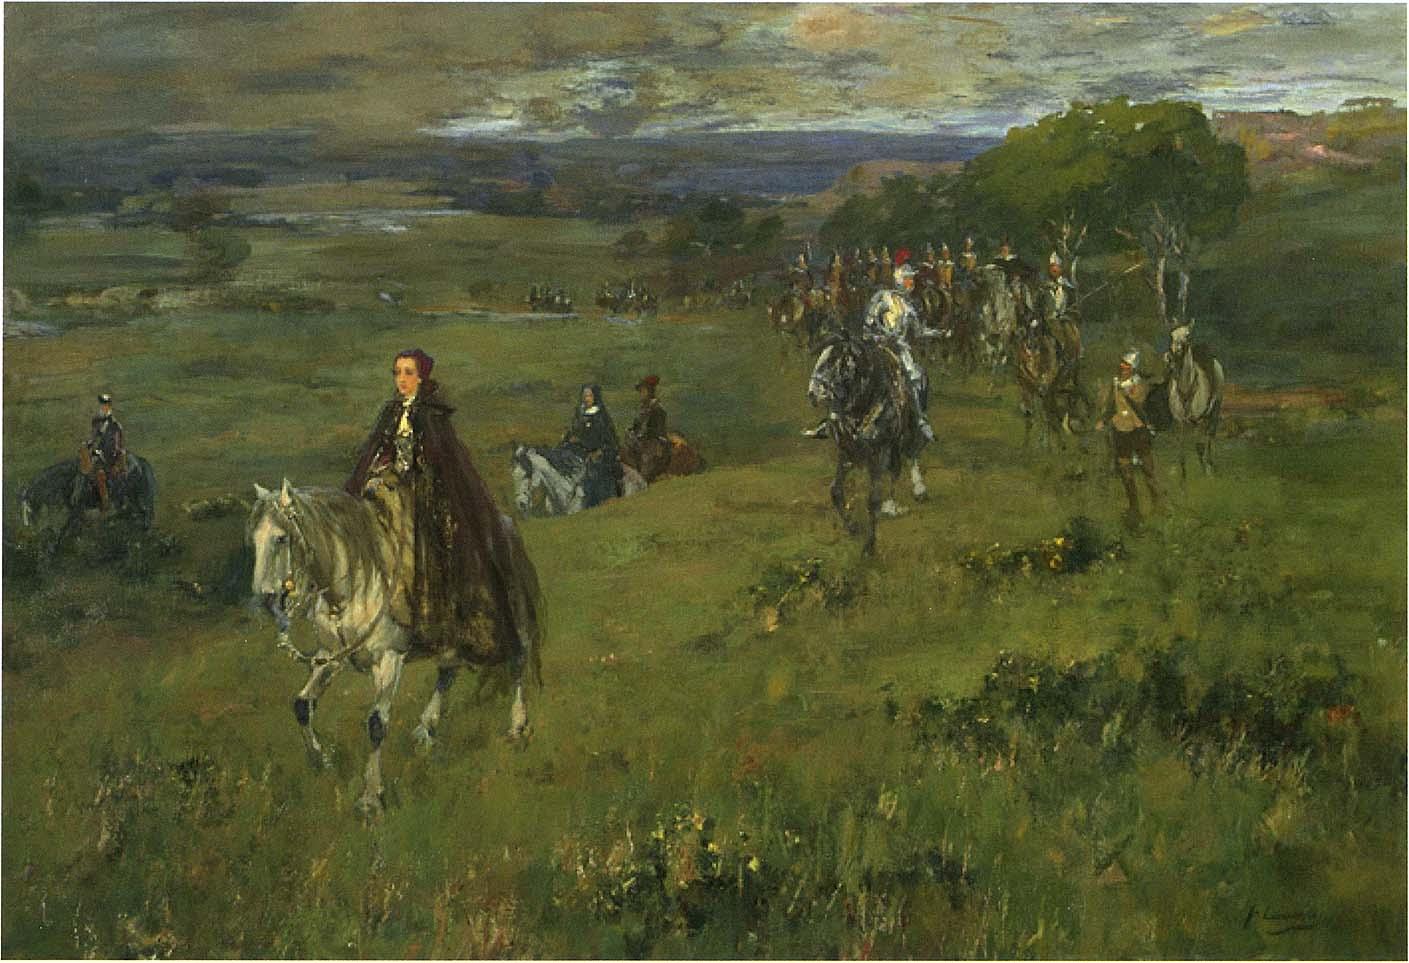 ŒUVRES CHRÉTIENNES DES FAMILLES ROYALES DE FRANCE - (Images et Musique)- année 1870  NightAfterBattleOfLangside